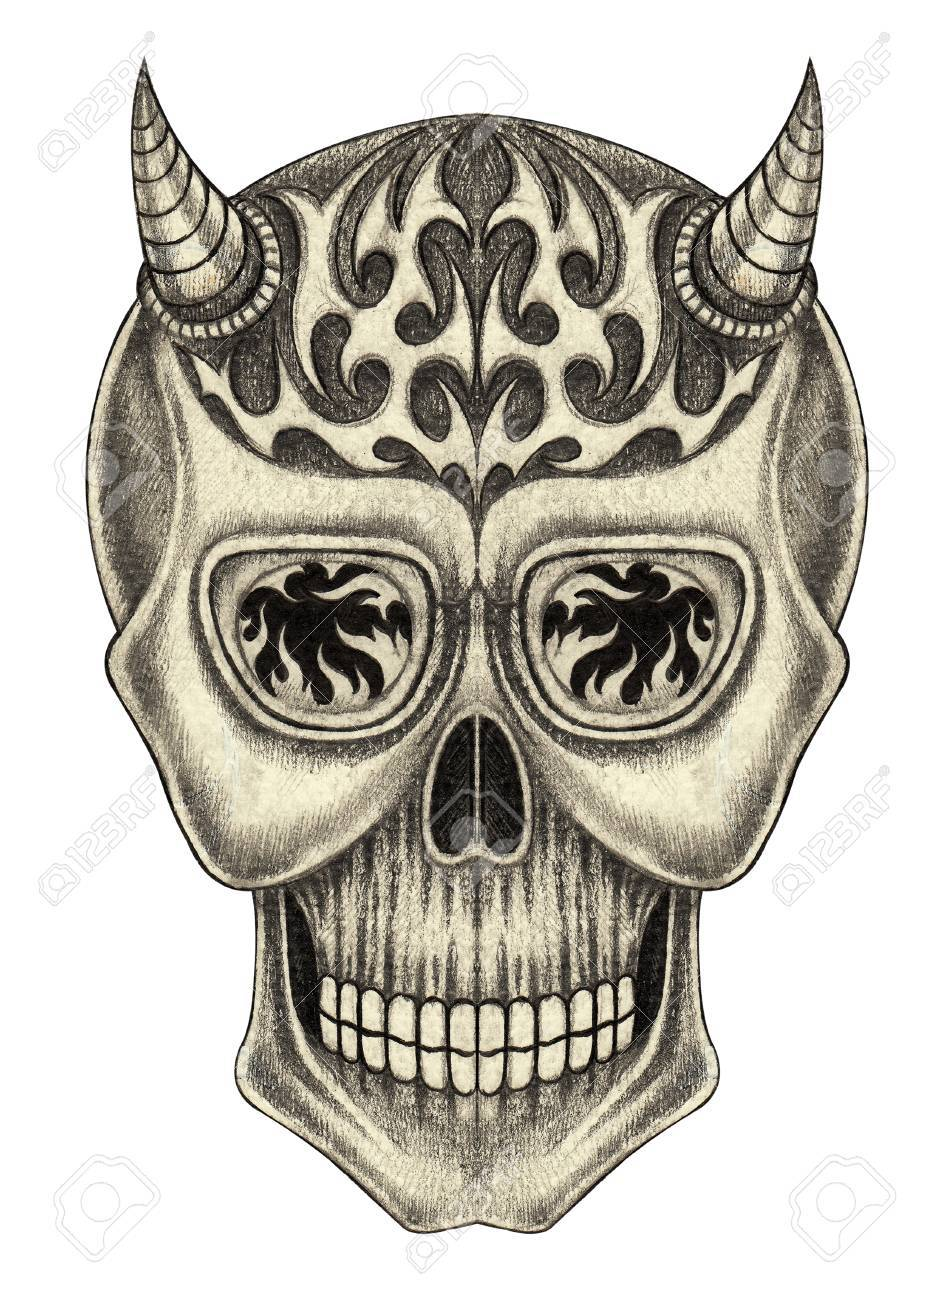 946x1300 Skull Devil Tattoo.hand Pencil Drawing On Paper. Stock Photo